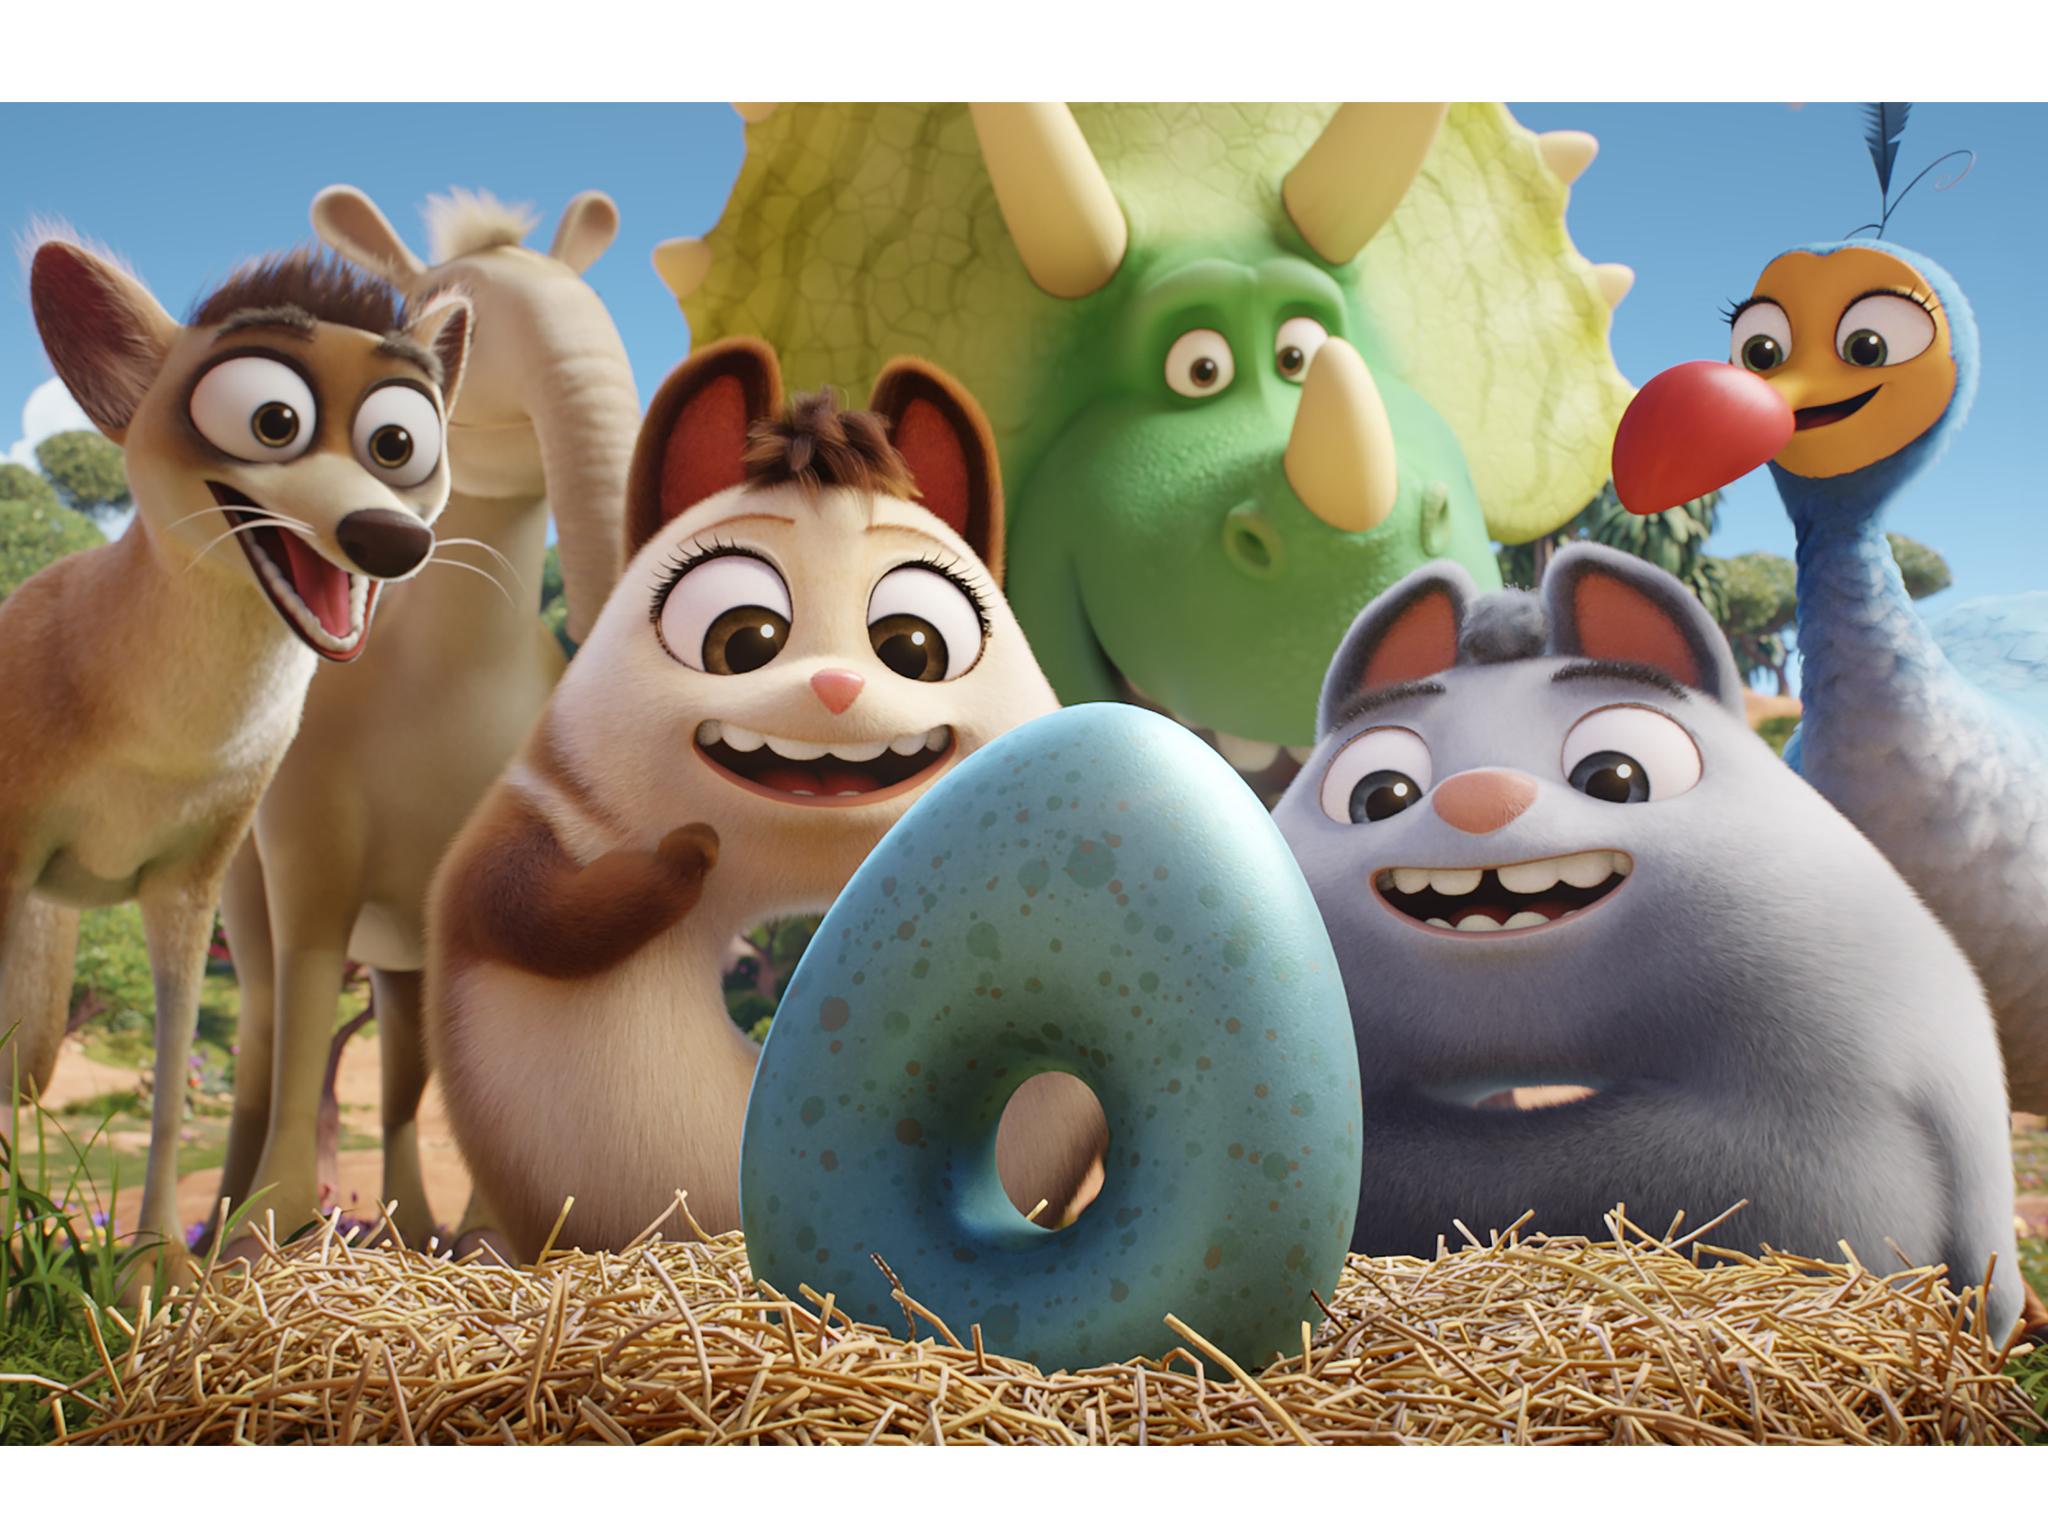 Filme, Cinema, Animação, Aventura, Os Flofos: Viagem no Tempo (2021)